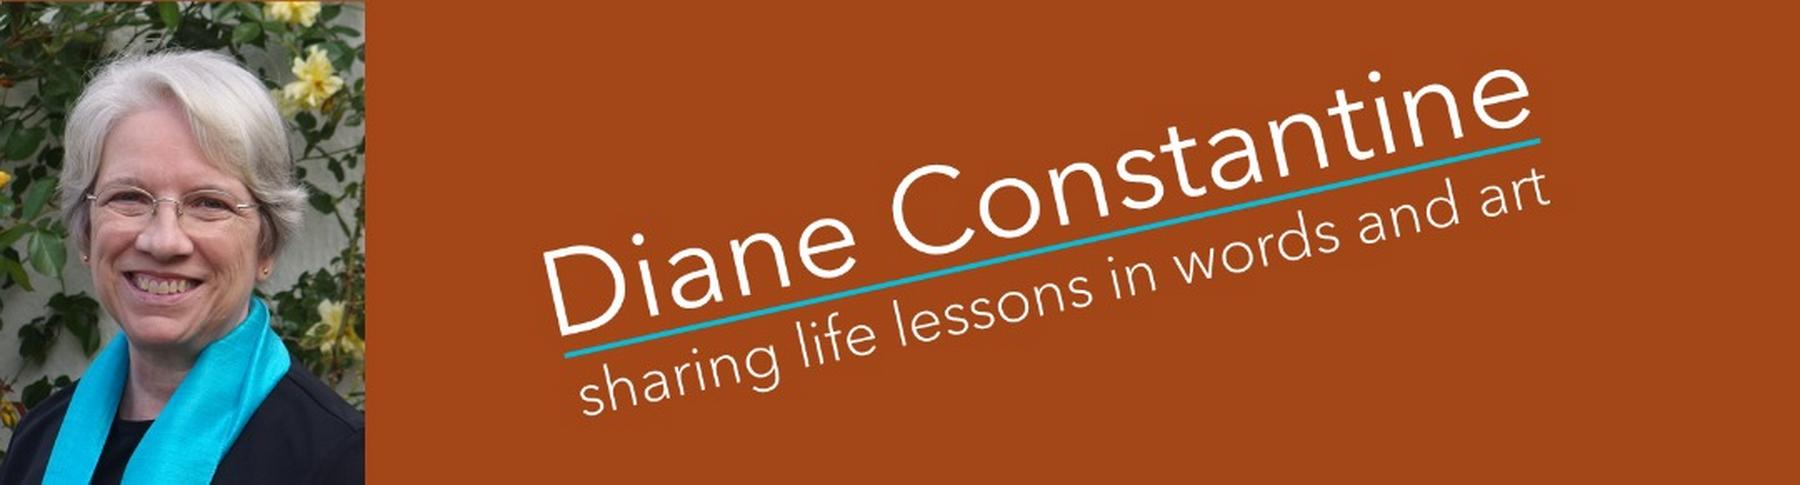 Diane Constantine